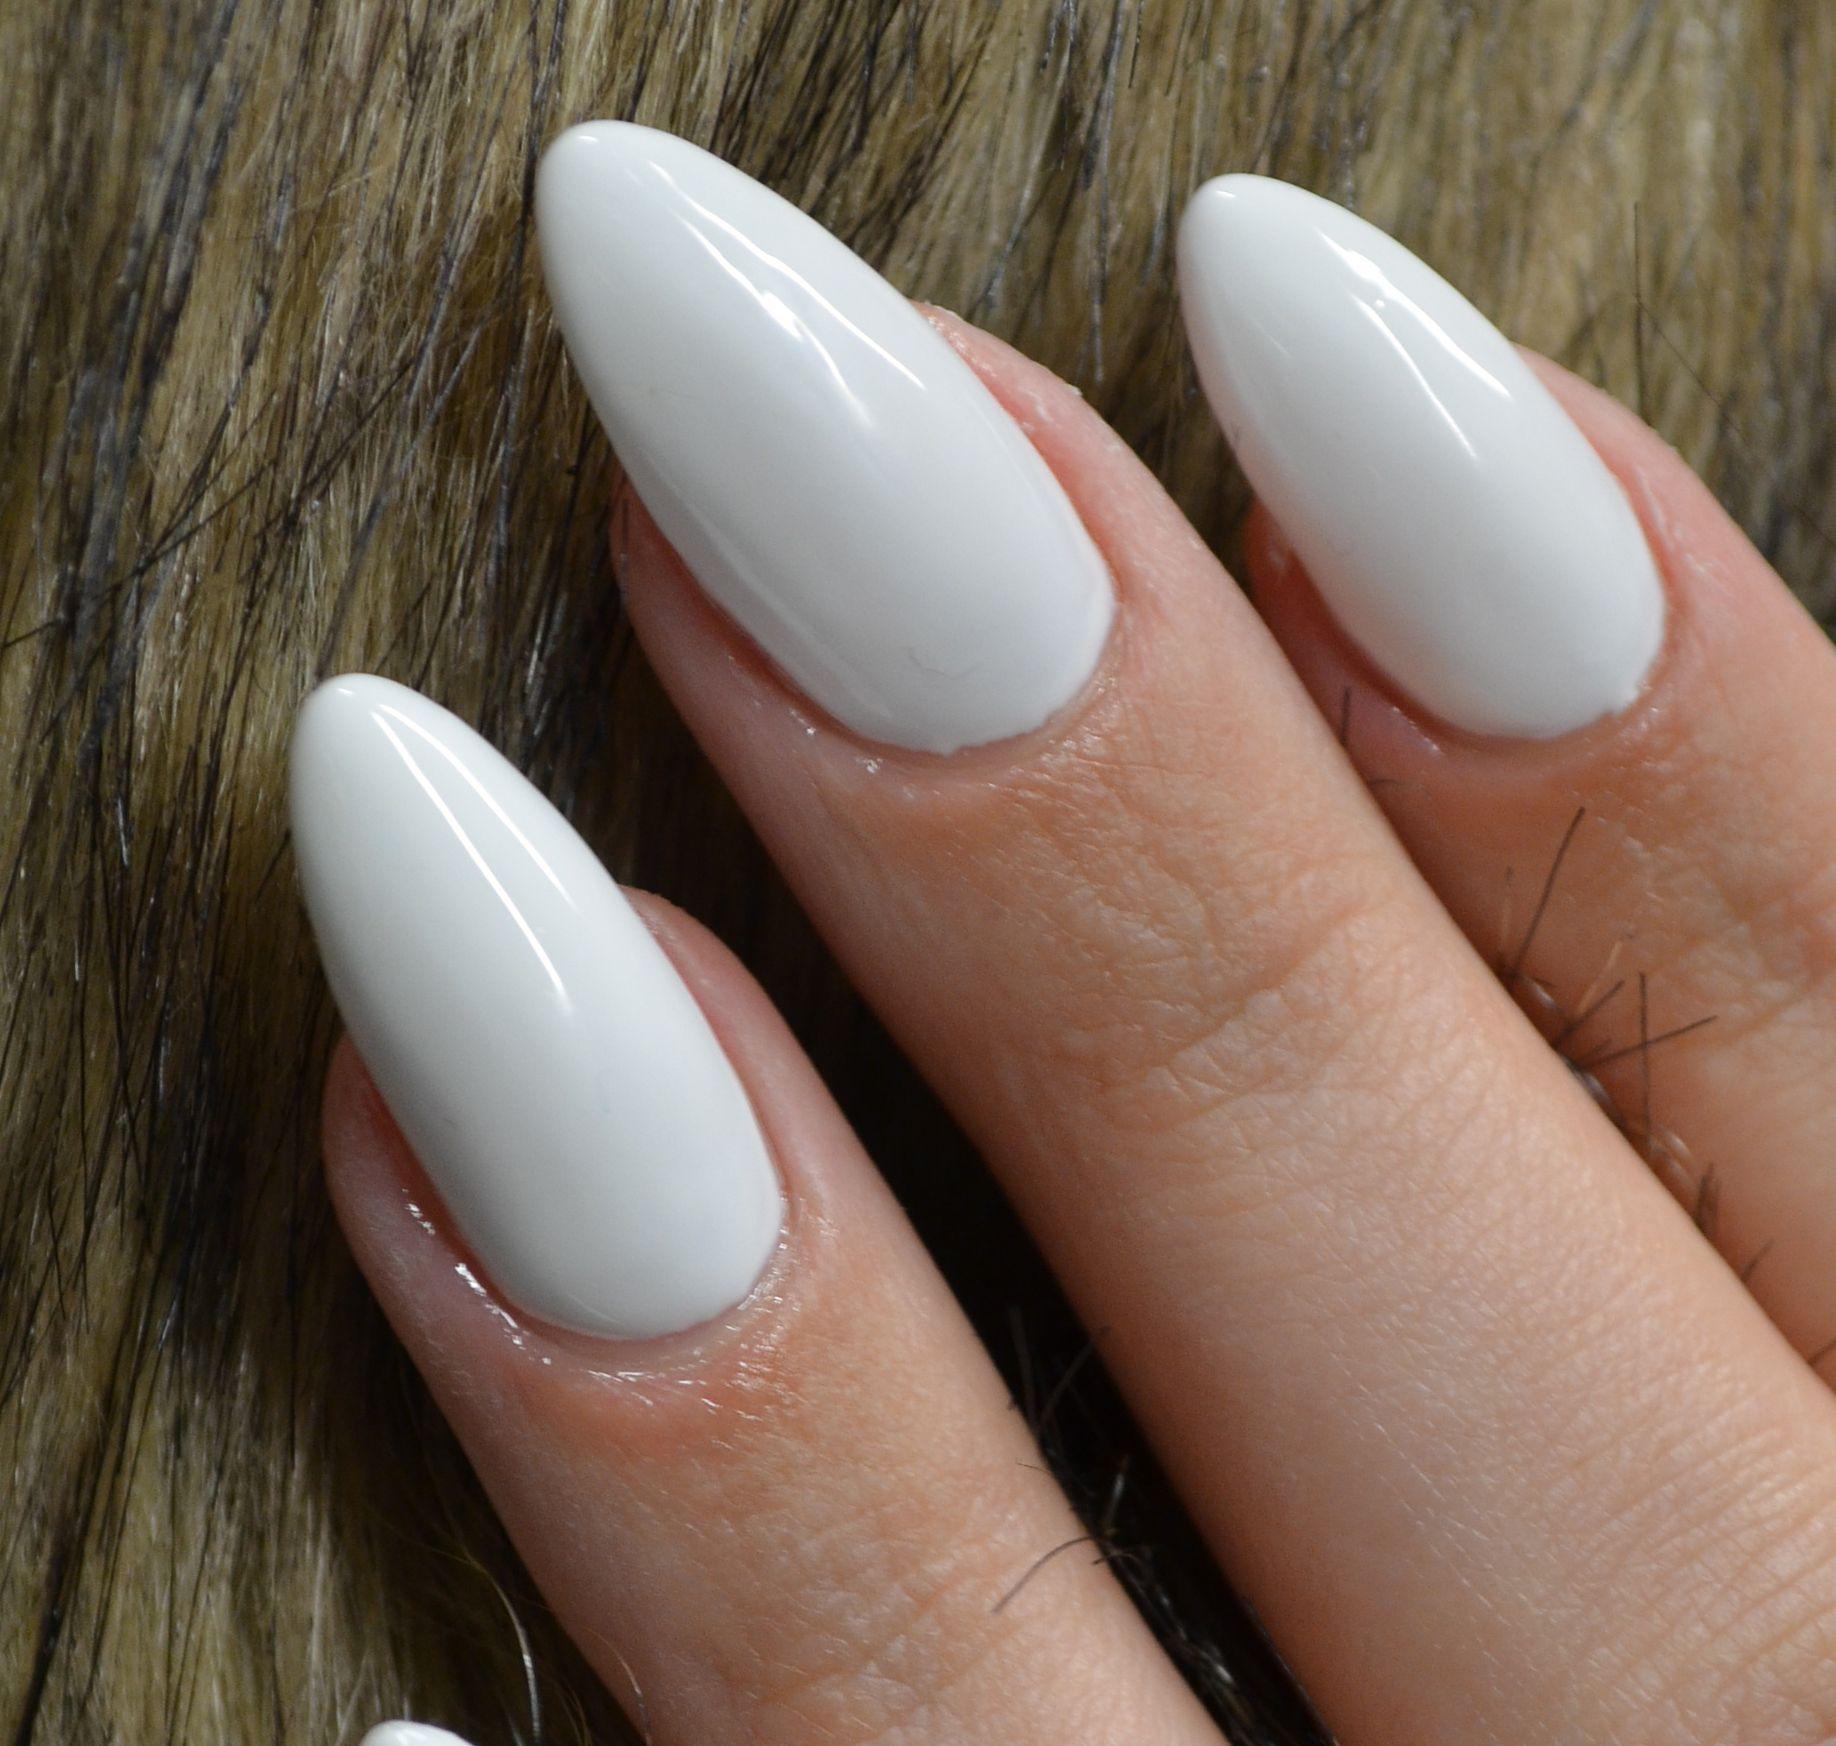 White Fullcolor Almond Shaped Nails No Nailart Just Color Almond Acrylic Nails Almond Shape Nails Nail Colors